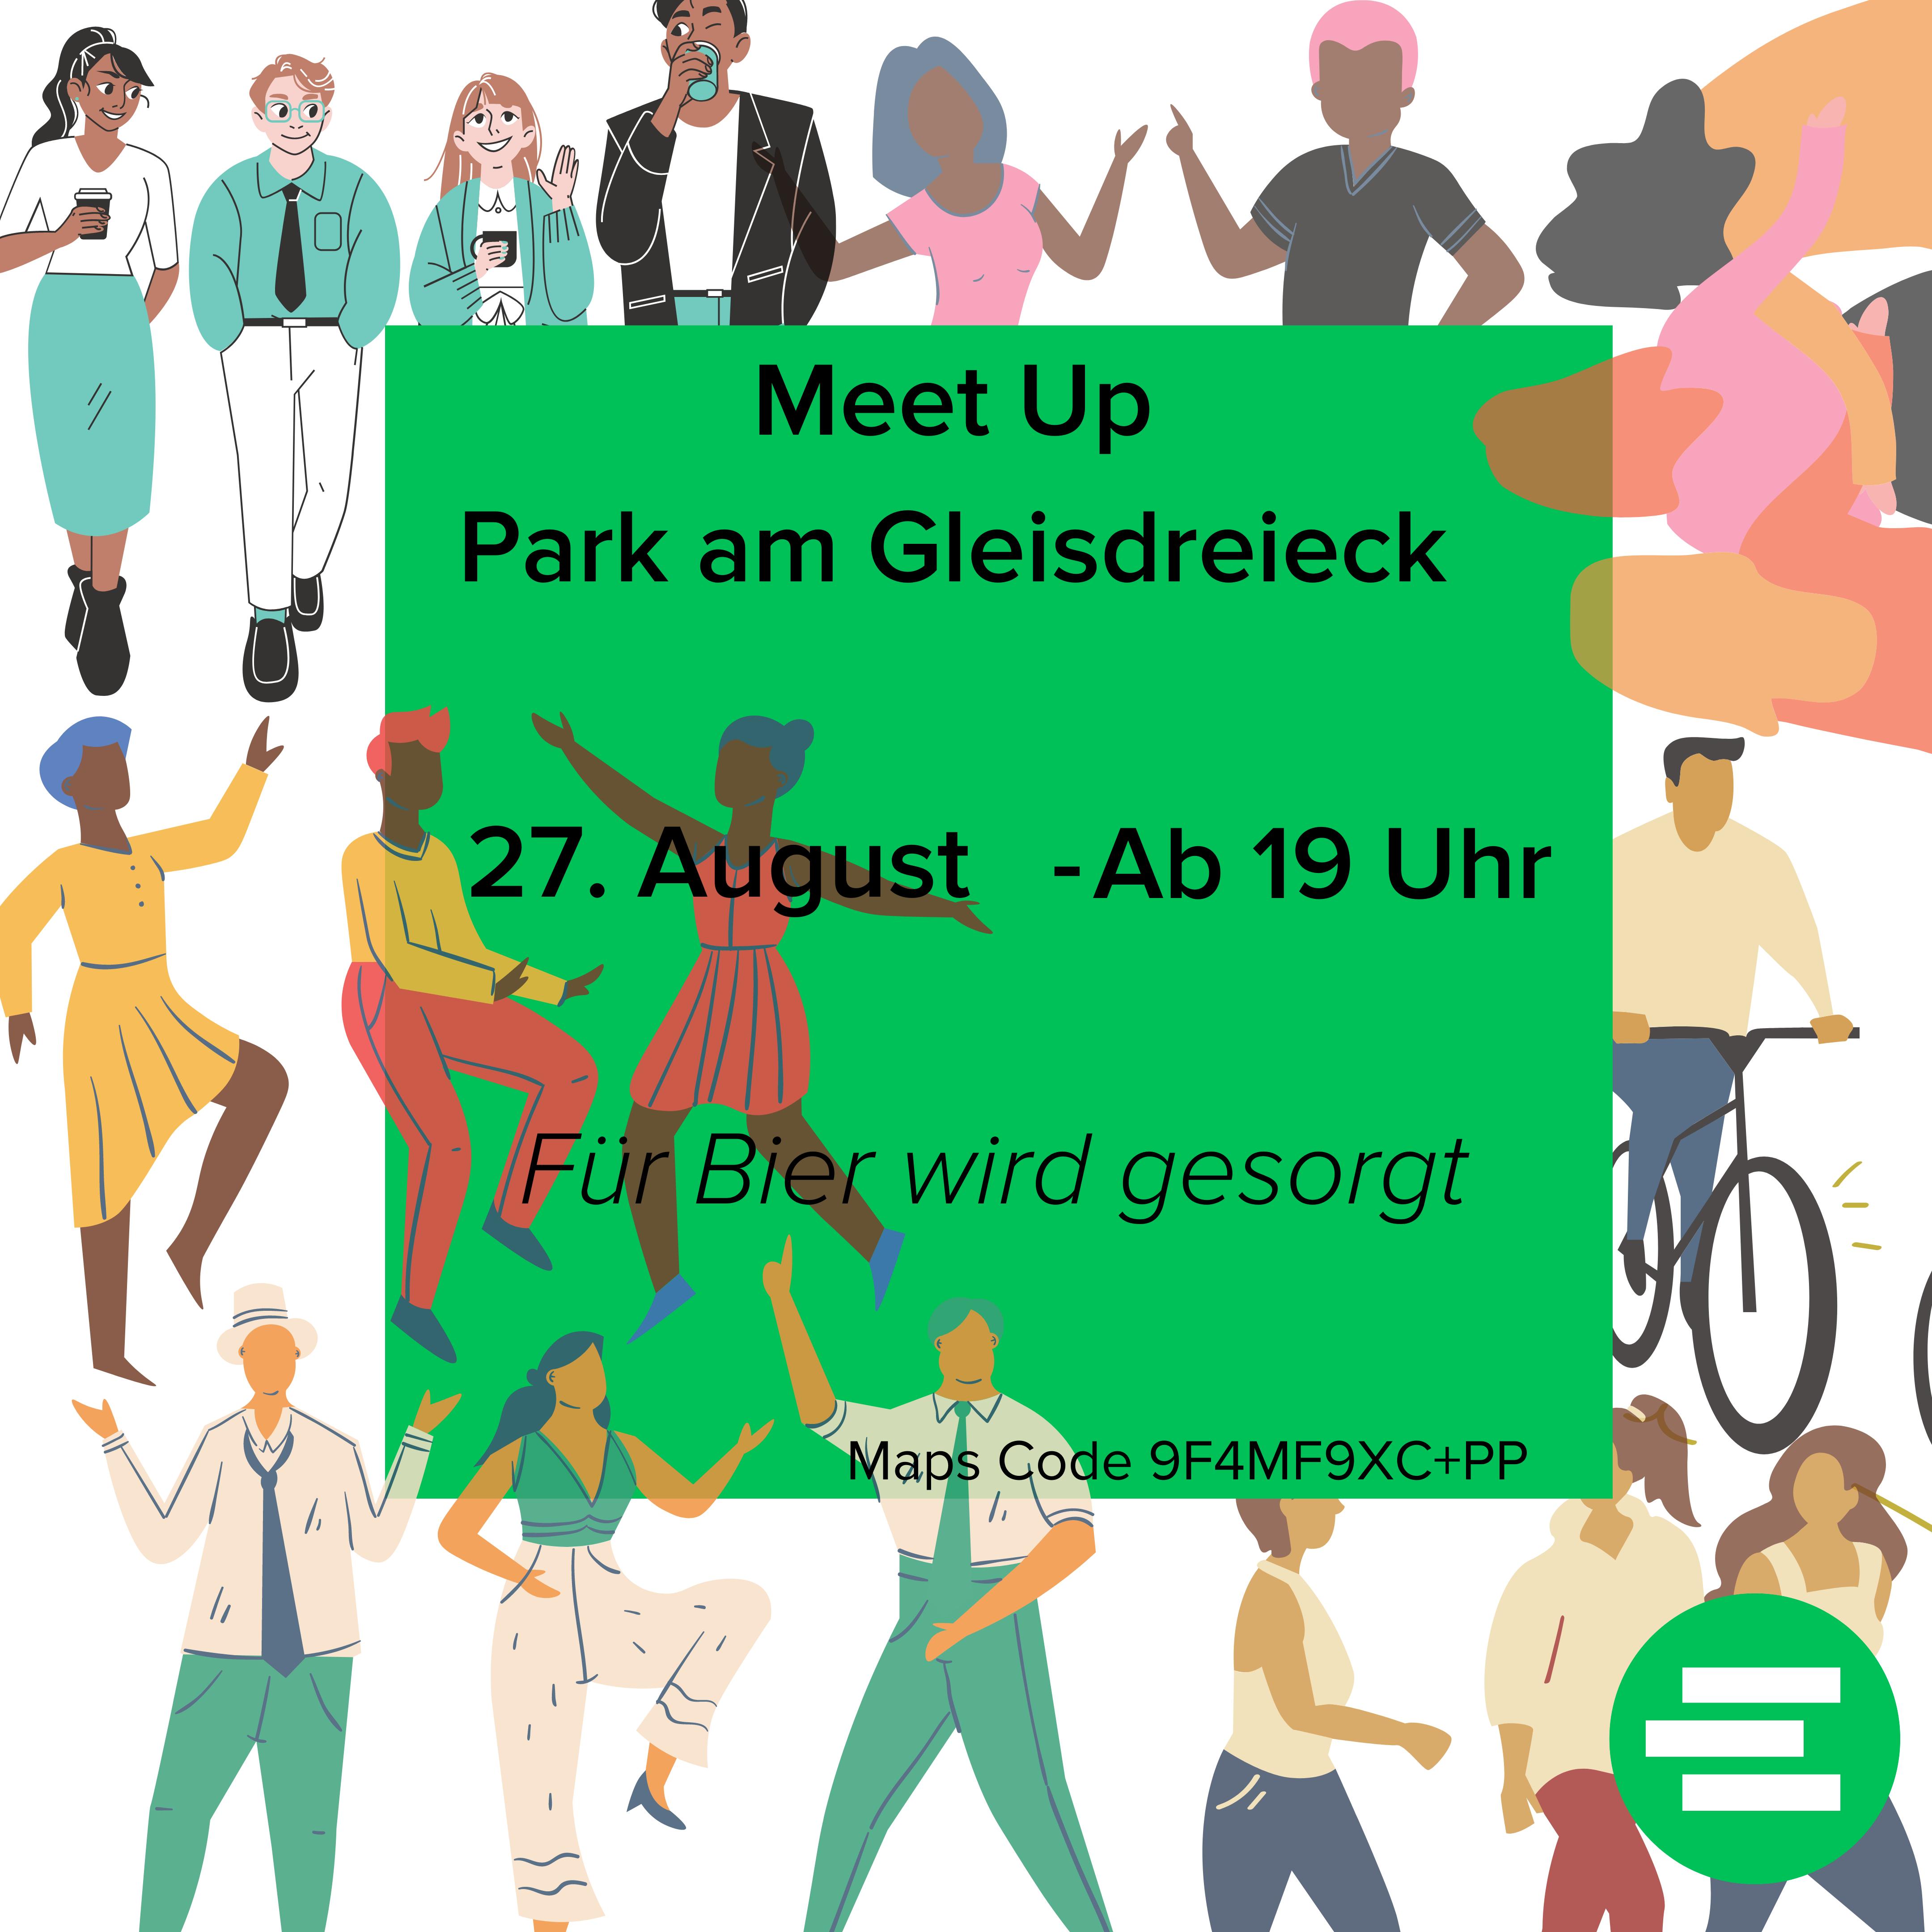 Meet Up am Park am Gleisdreieck